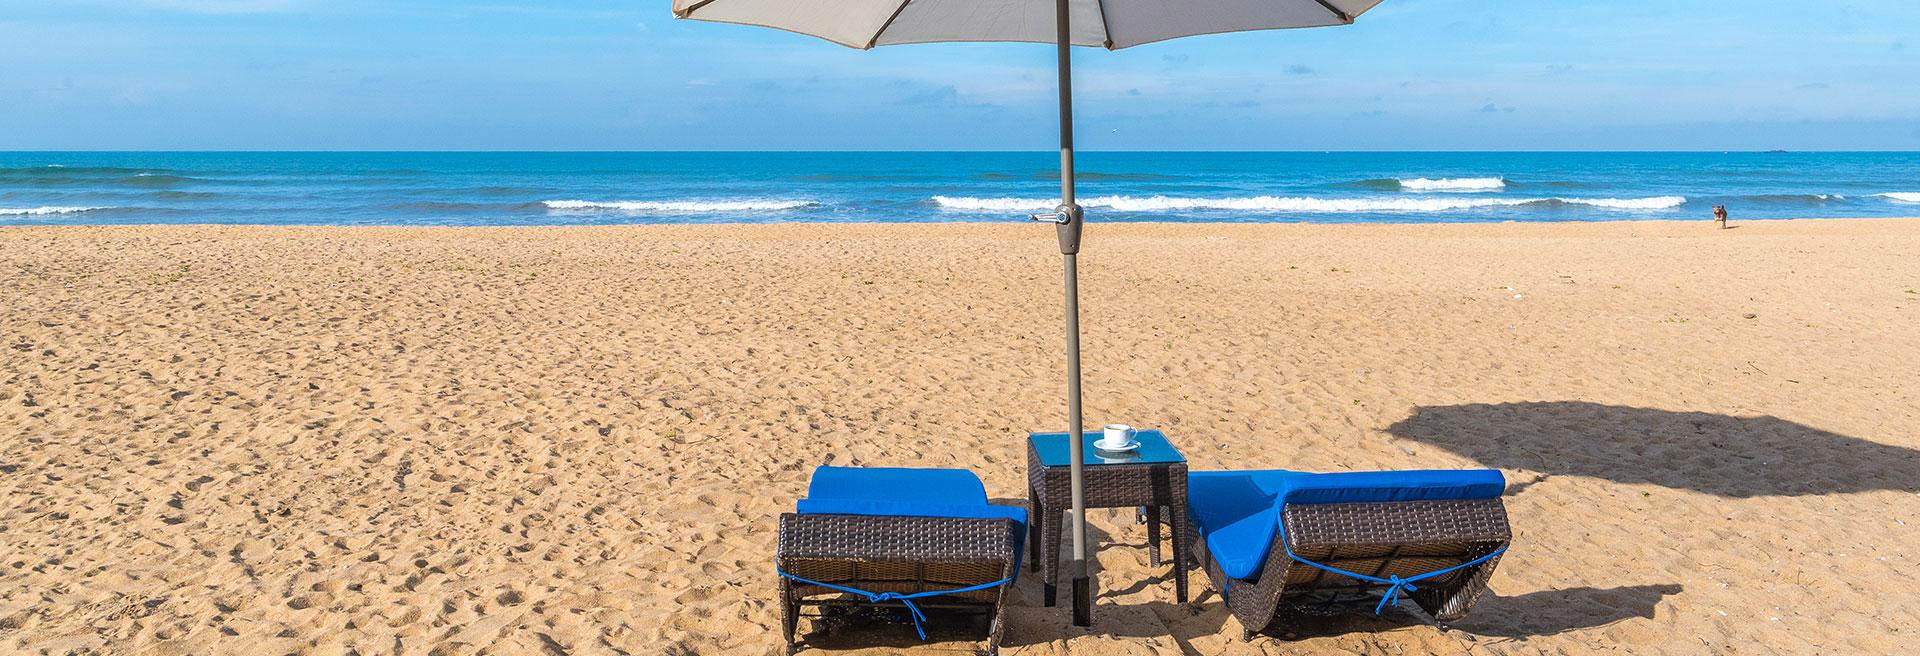 Canopy set on the beach